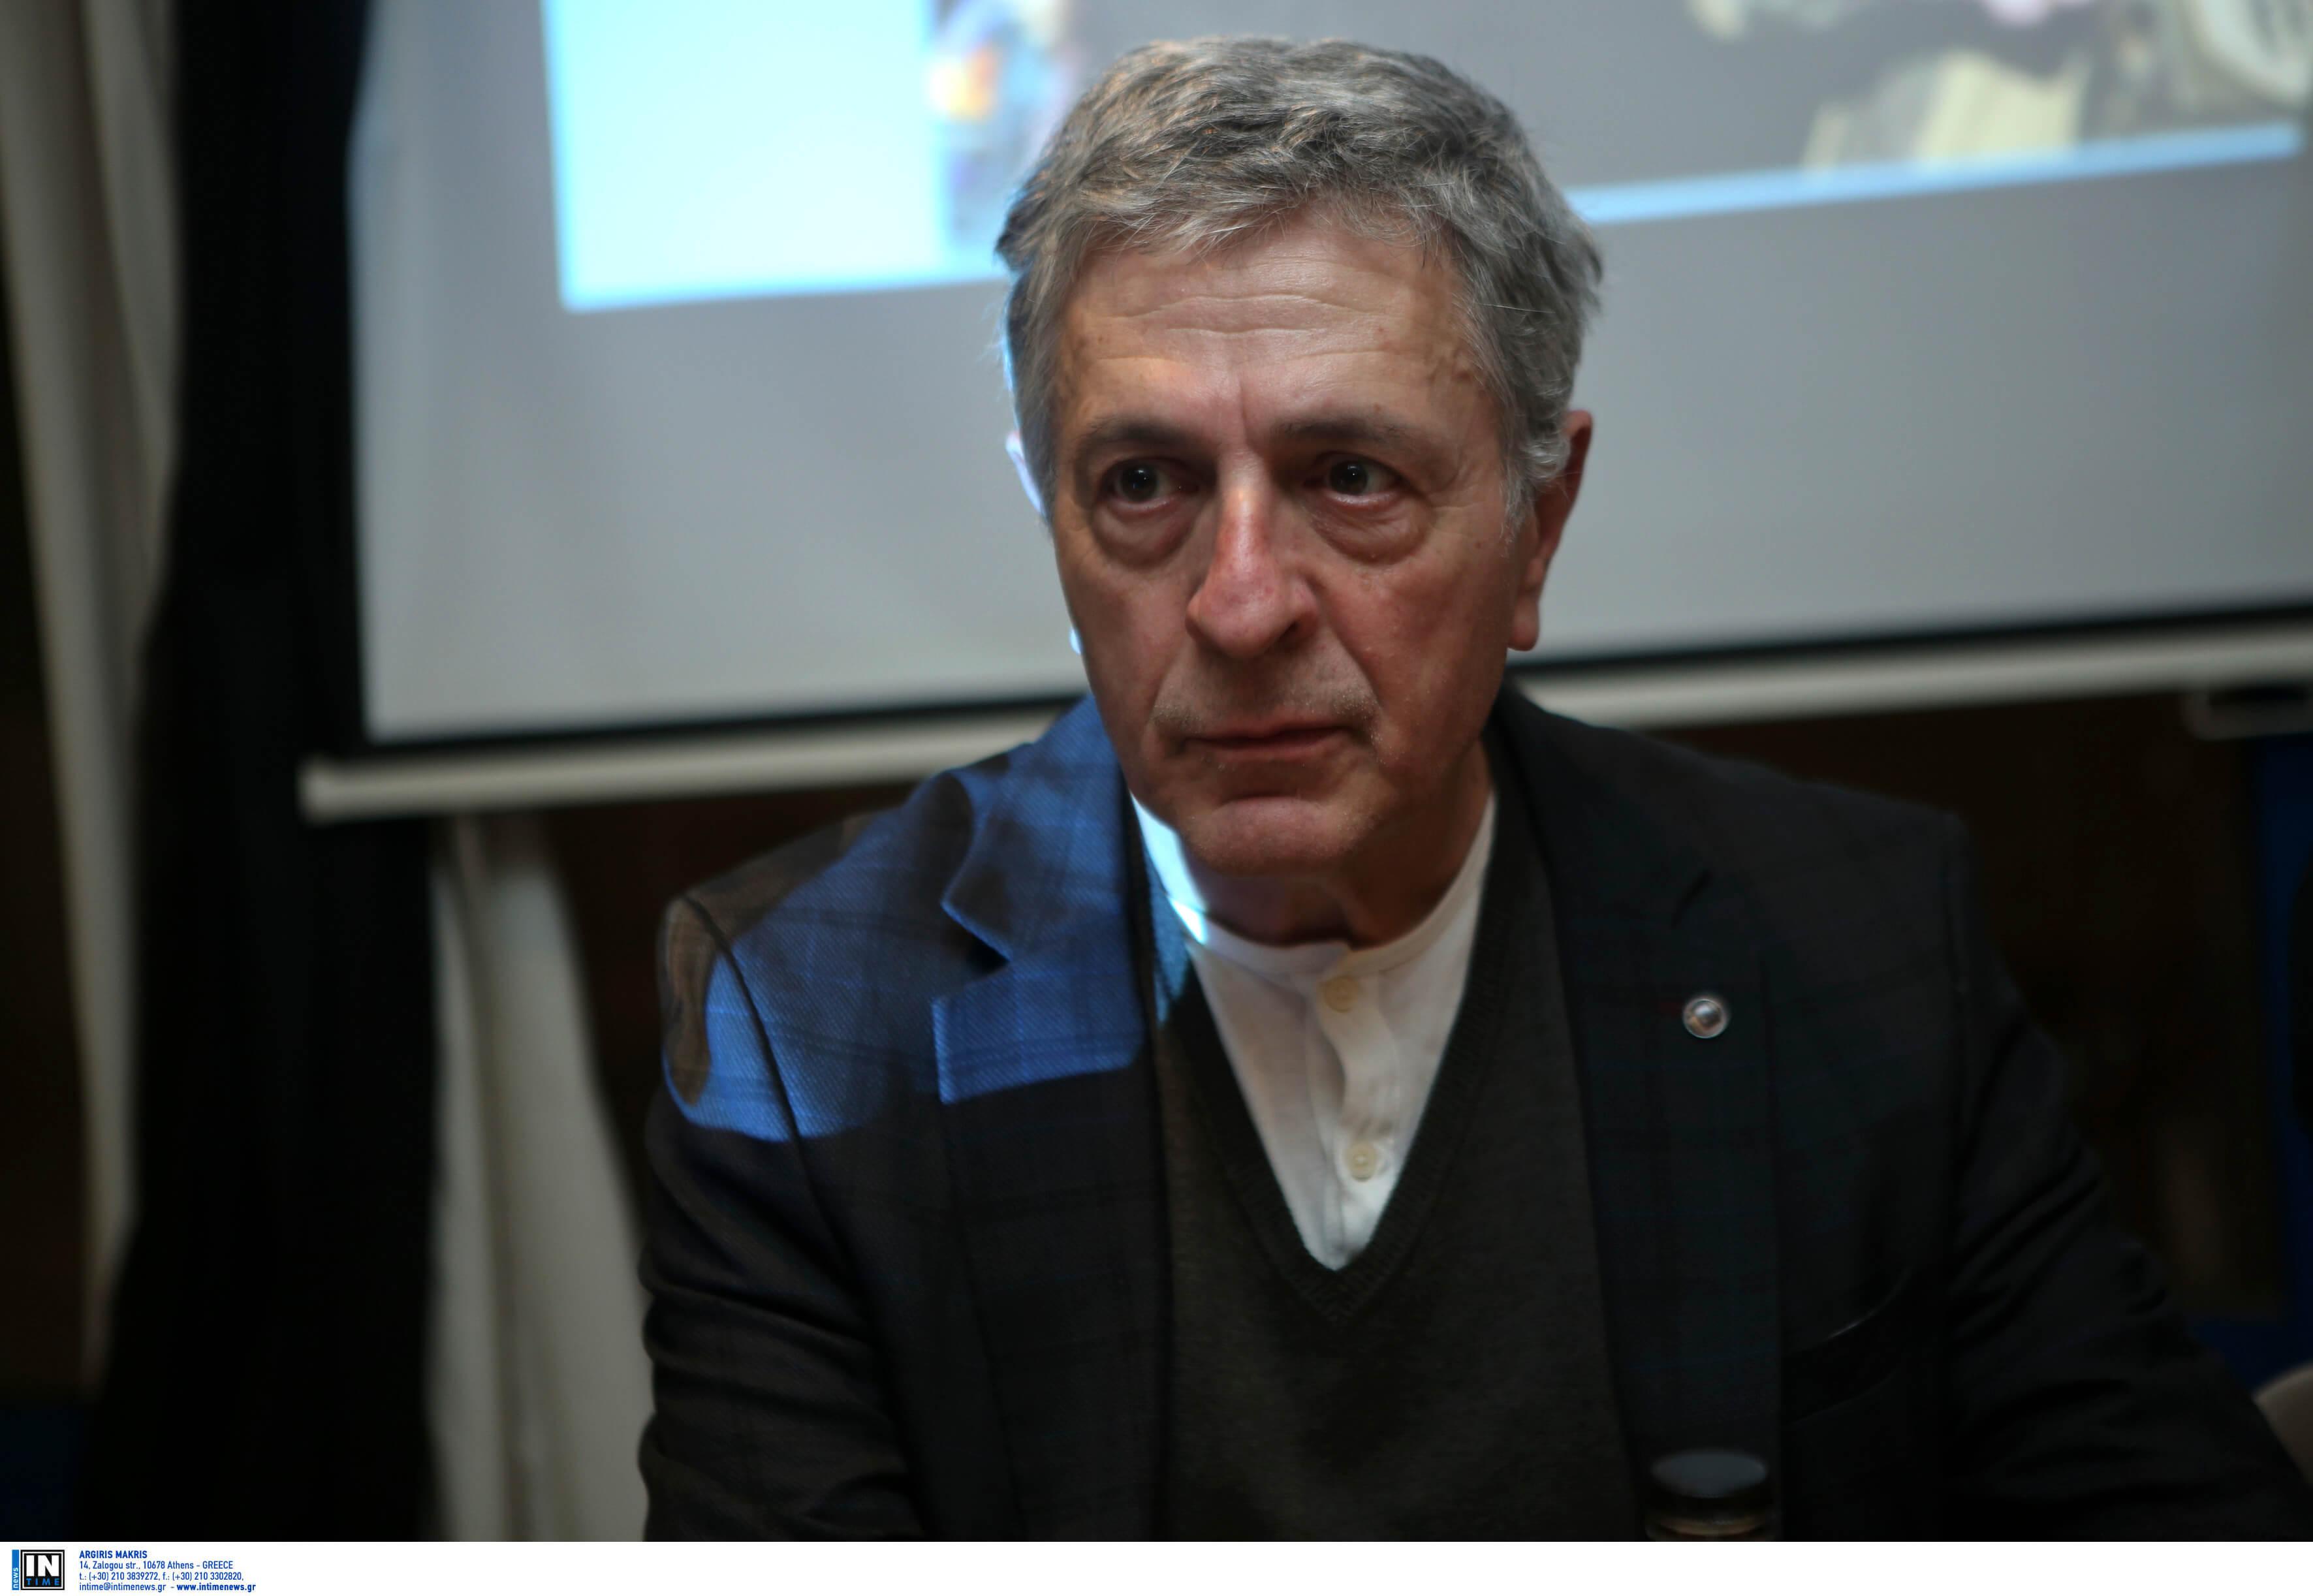 Βγήκαν τα «μαχαίρια» στον ΣΥΡΙΖΑ! Ο Κούλογλου ζητάει την παραίτηση Κουρουμπλή